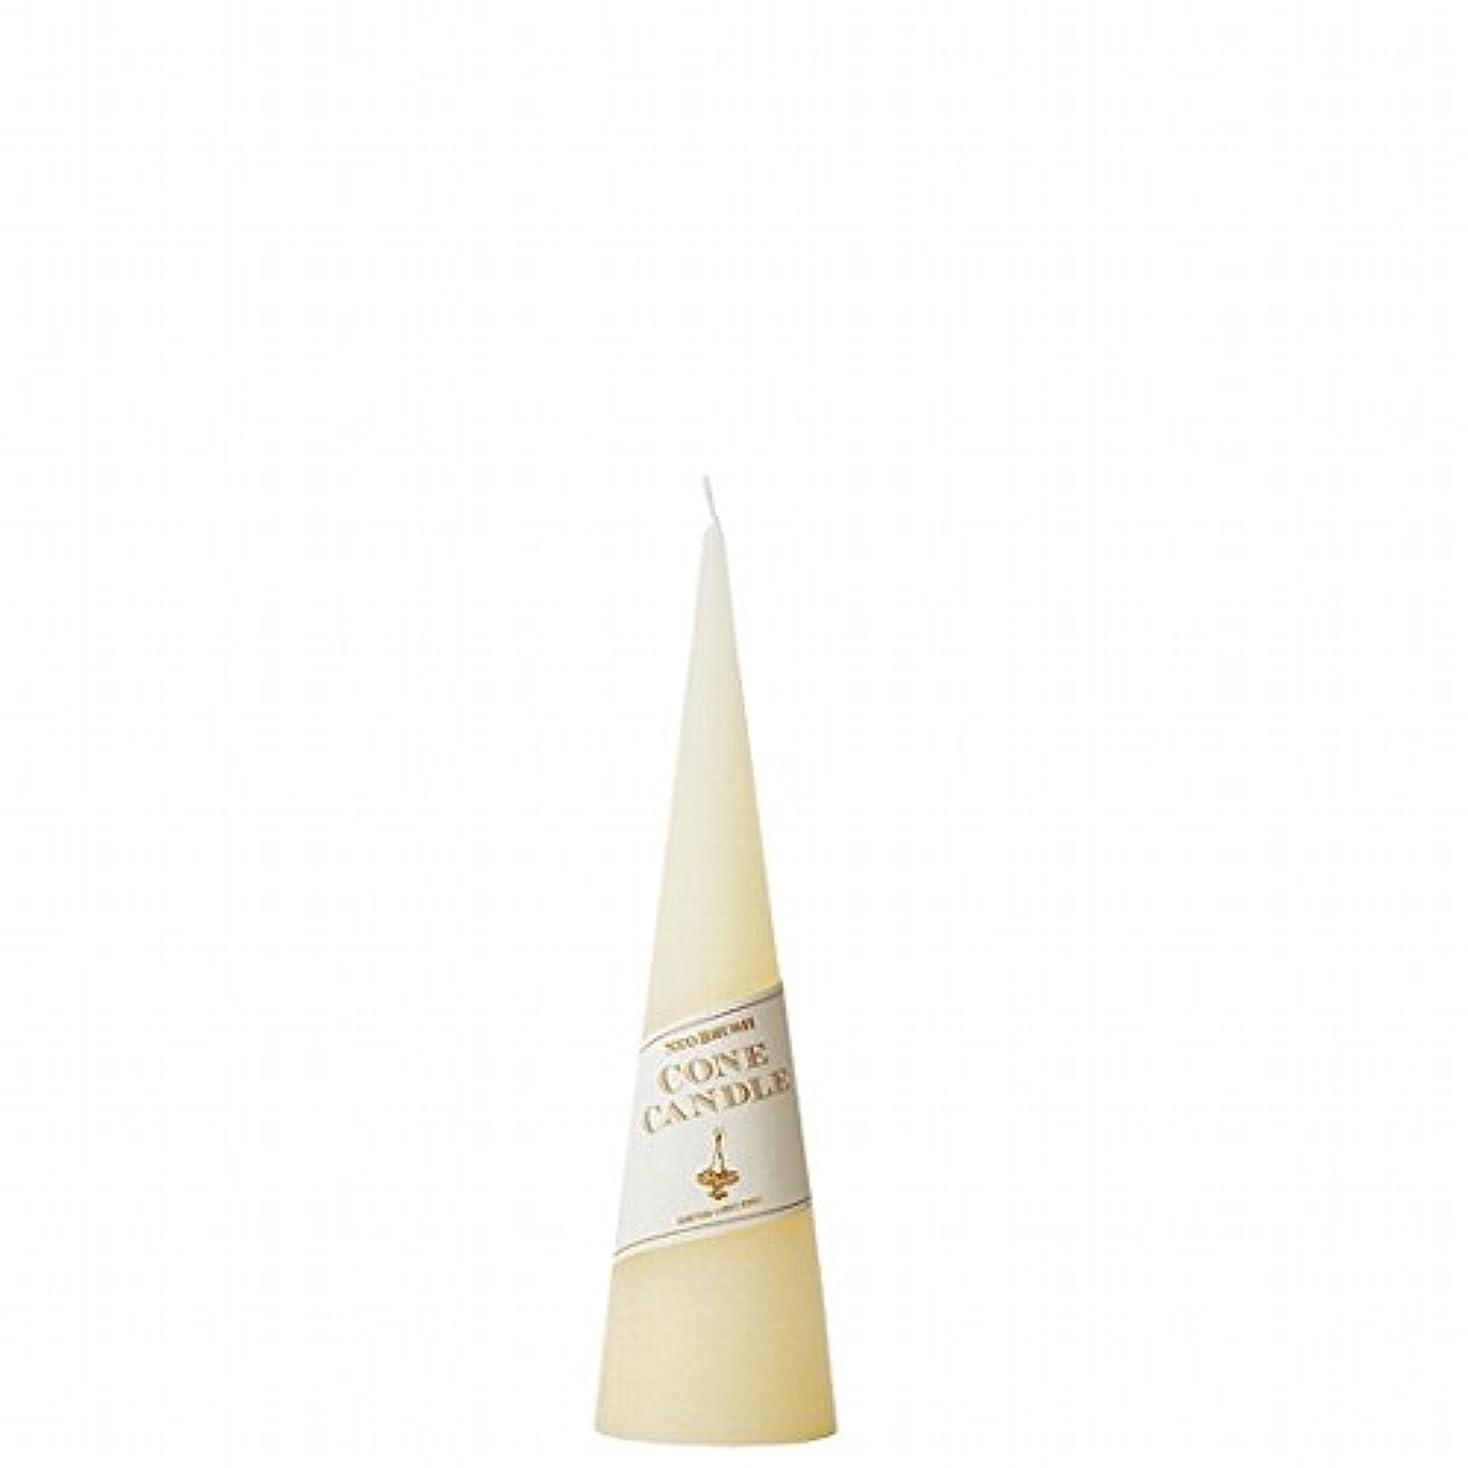 確執取り出す系統的kameyama candle(カメヤマキャンドル) ネオブラッシュコーン 180 キャンドル 「 アイボリー 」(A9750010IV)